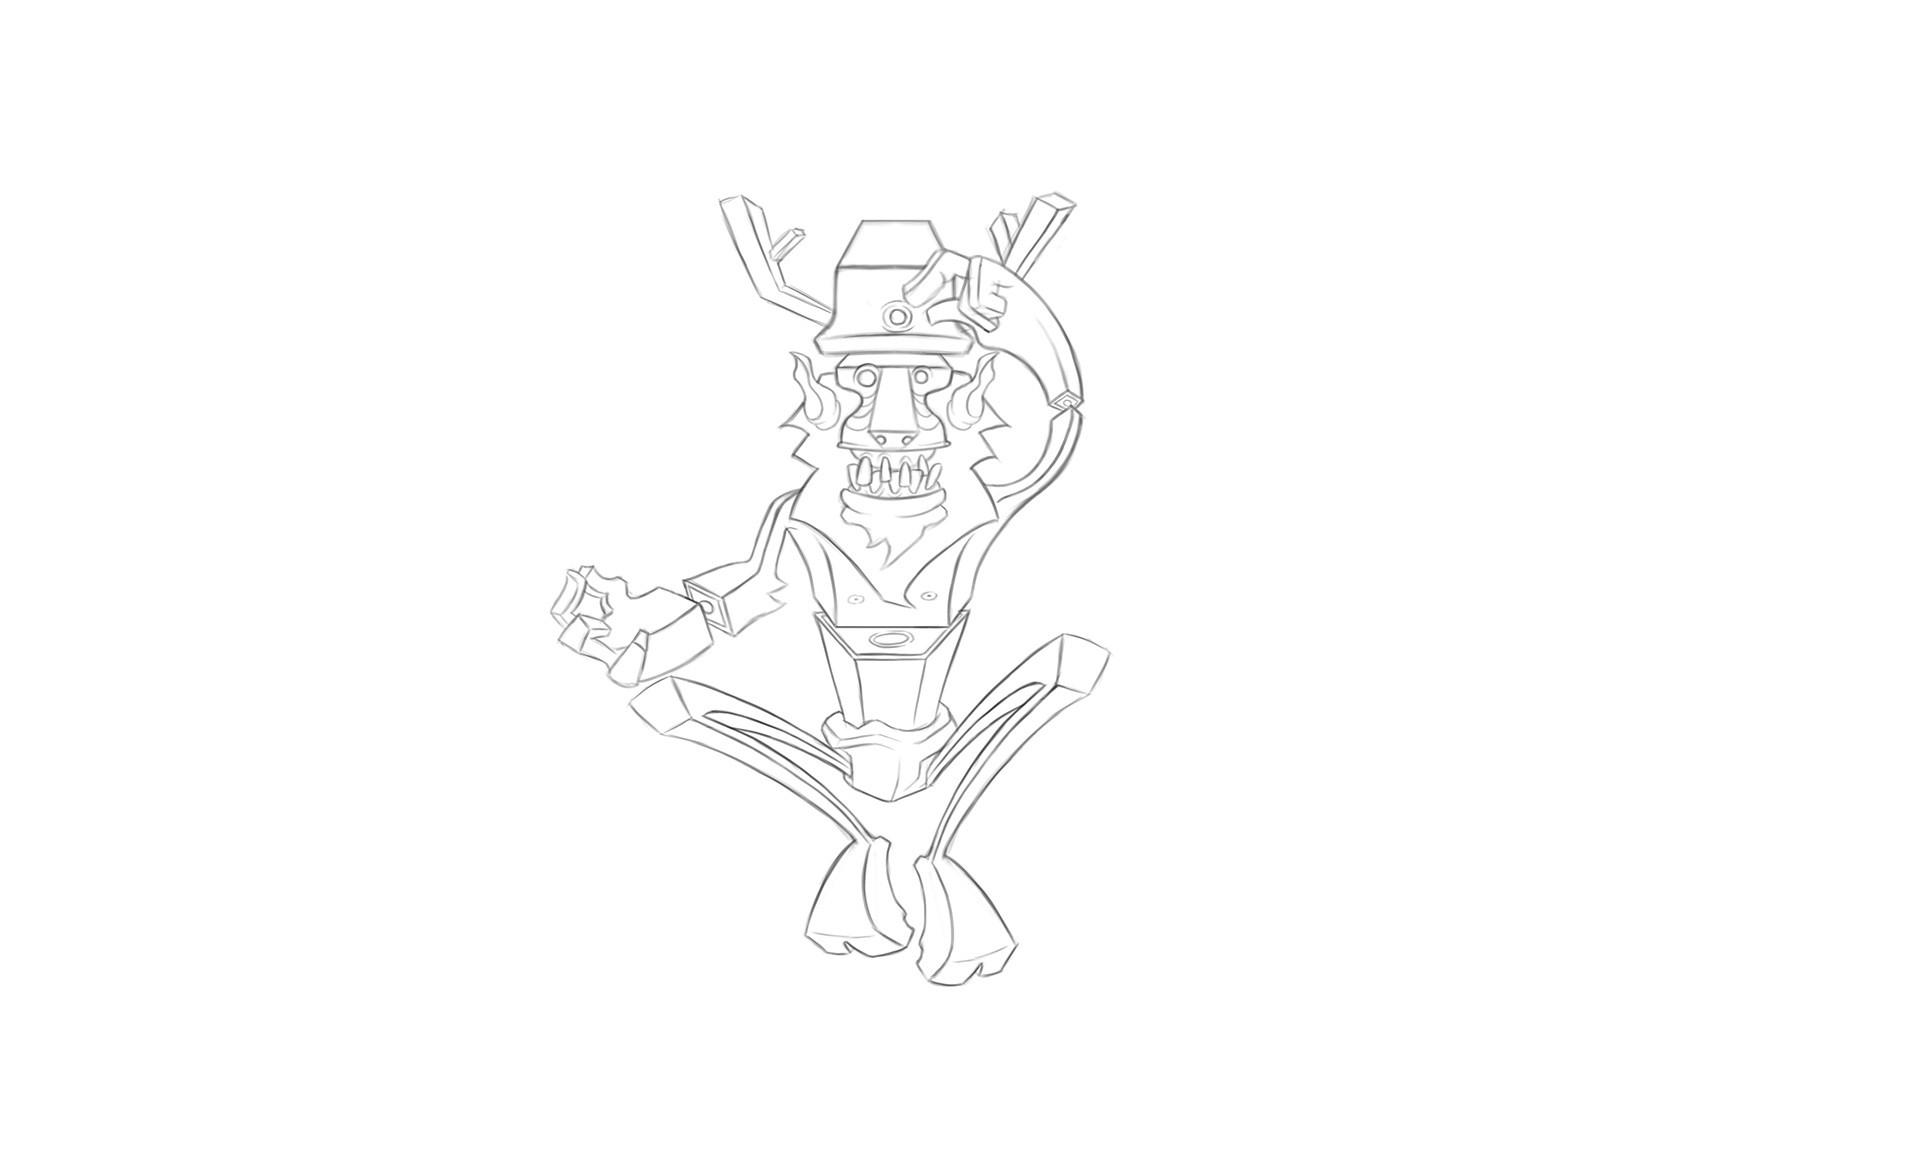 El ilustrador 4